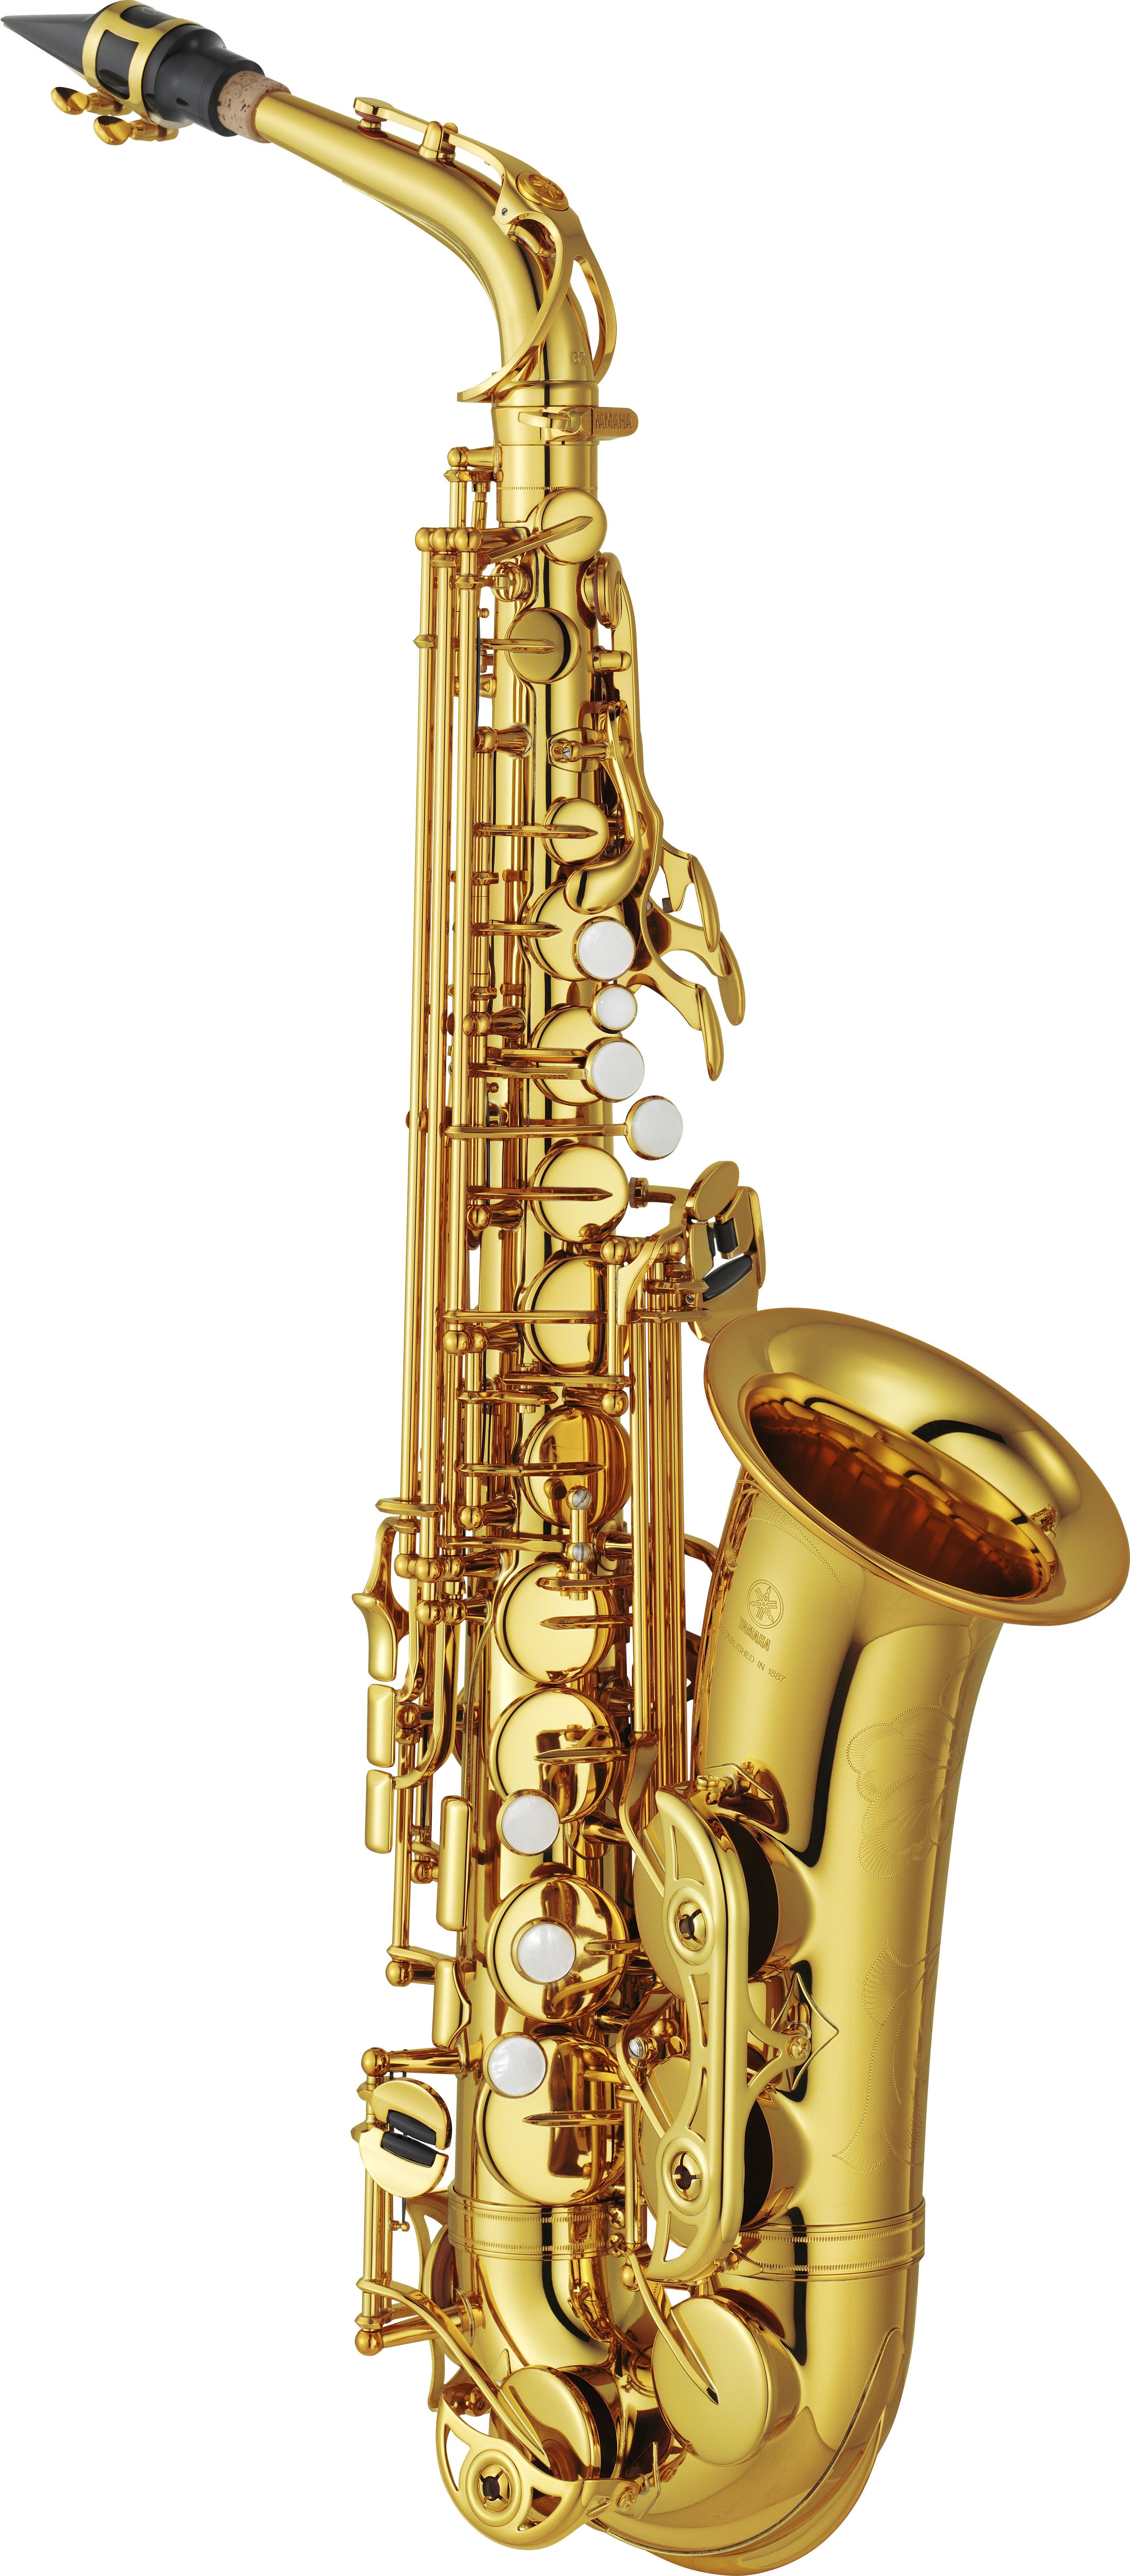 Yamaha - YAS - 62 - Holzblasinstrumente - Saxophone | MUSIK BERTRAM Deutschland Freiburg